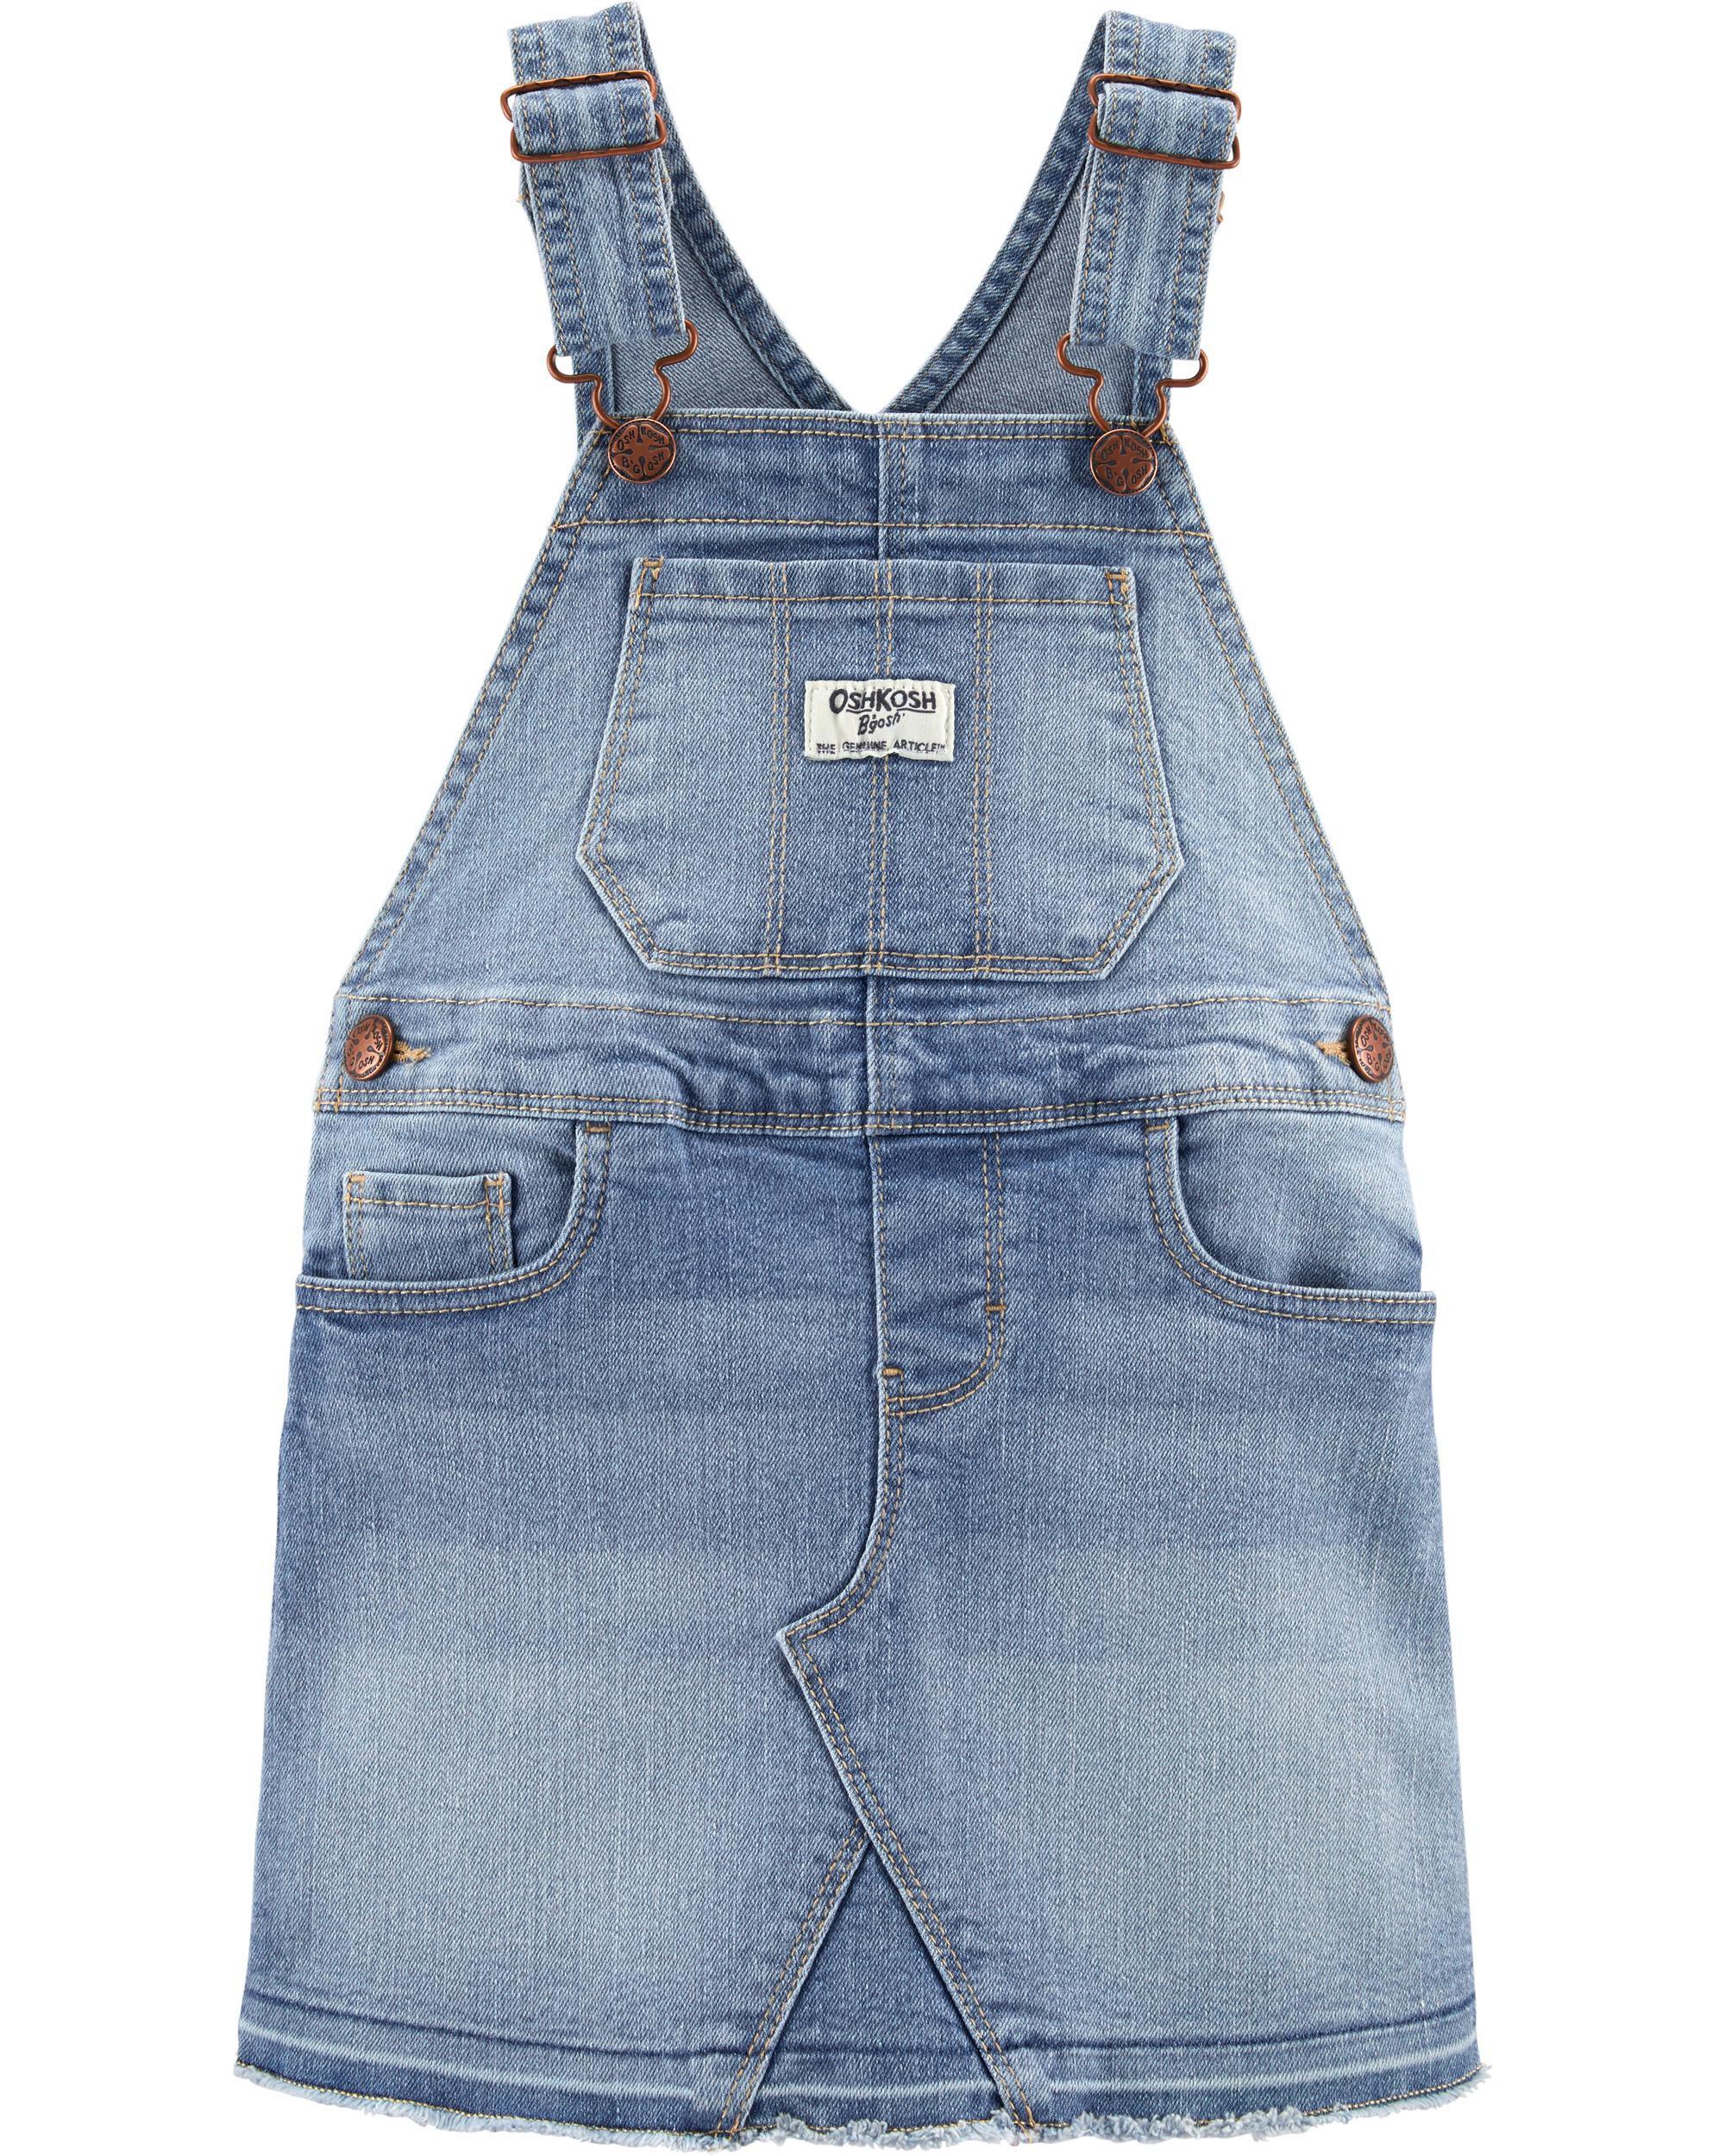 Denim 7 OshKosh Girls Embroidered Frayed Hem Shorts